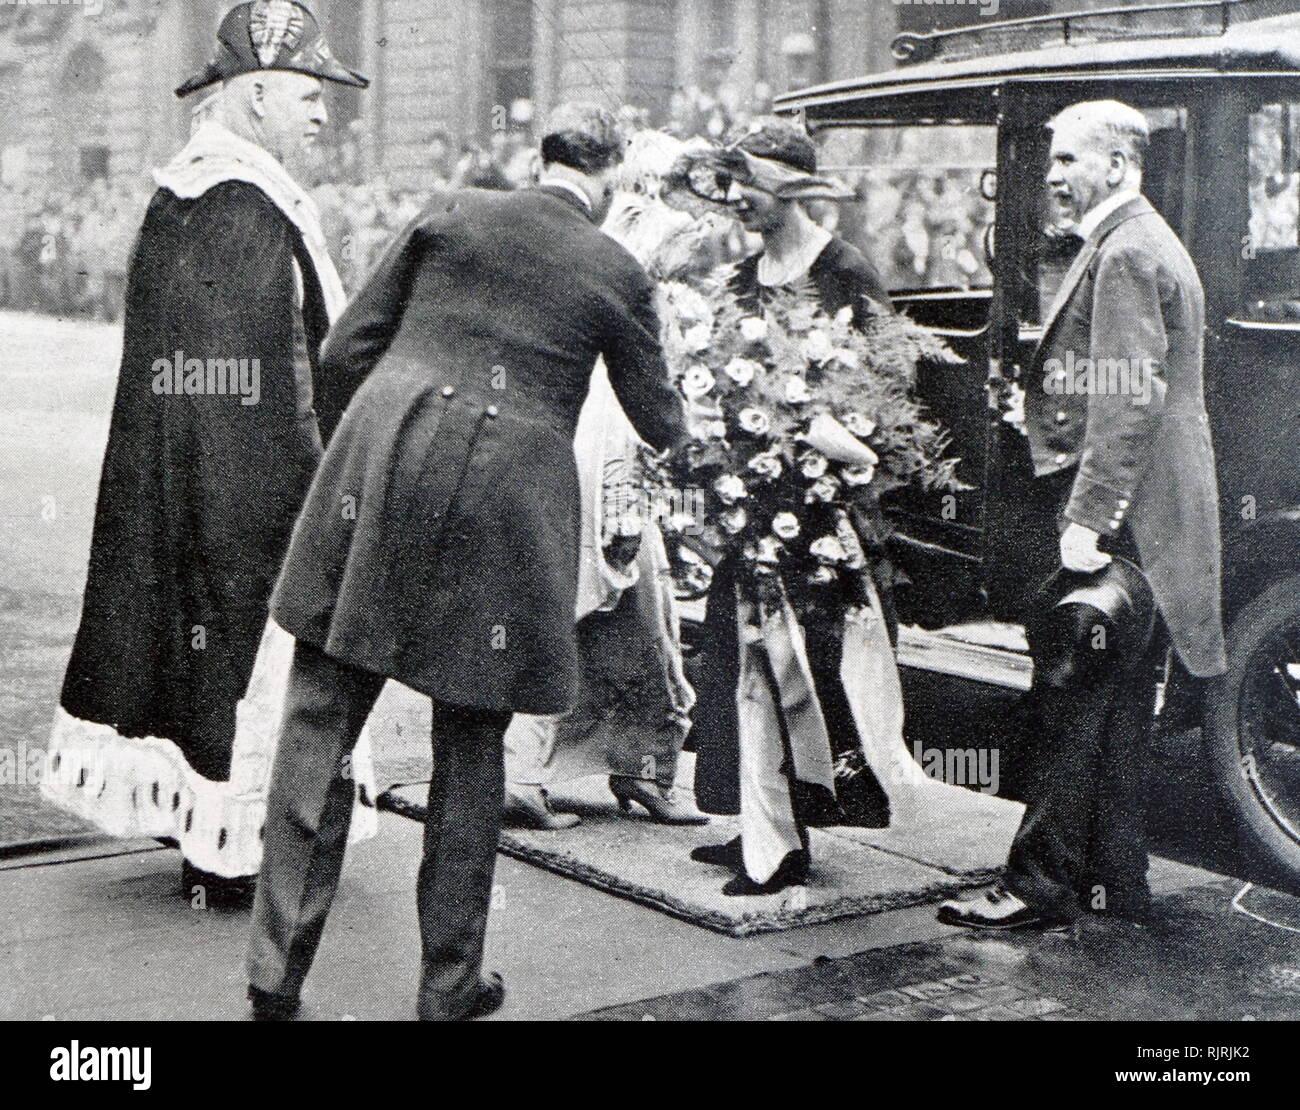 Maria, Princess Royal e la contessa di Harewood (Victoria Alexandra Alice Maria; 25 aprile 1897 - 28 Marzo 1965) era un membro della famiglia reale britannica. Lei era il terzo bambino e unica figlia di Re Giorgio V e la regina Mary e nacque durante il regno della regina Victoria, la sua bisnonna. Maria è stata la zia paterna dell attuale monarca britannico, Queen Elizabeth II. Immagini Stock